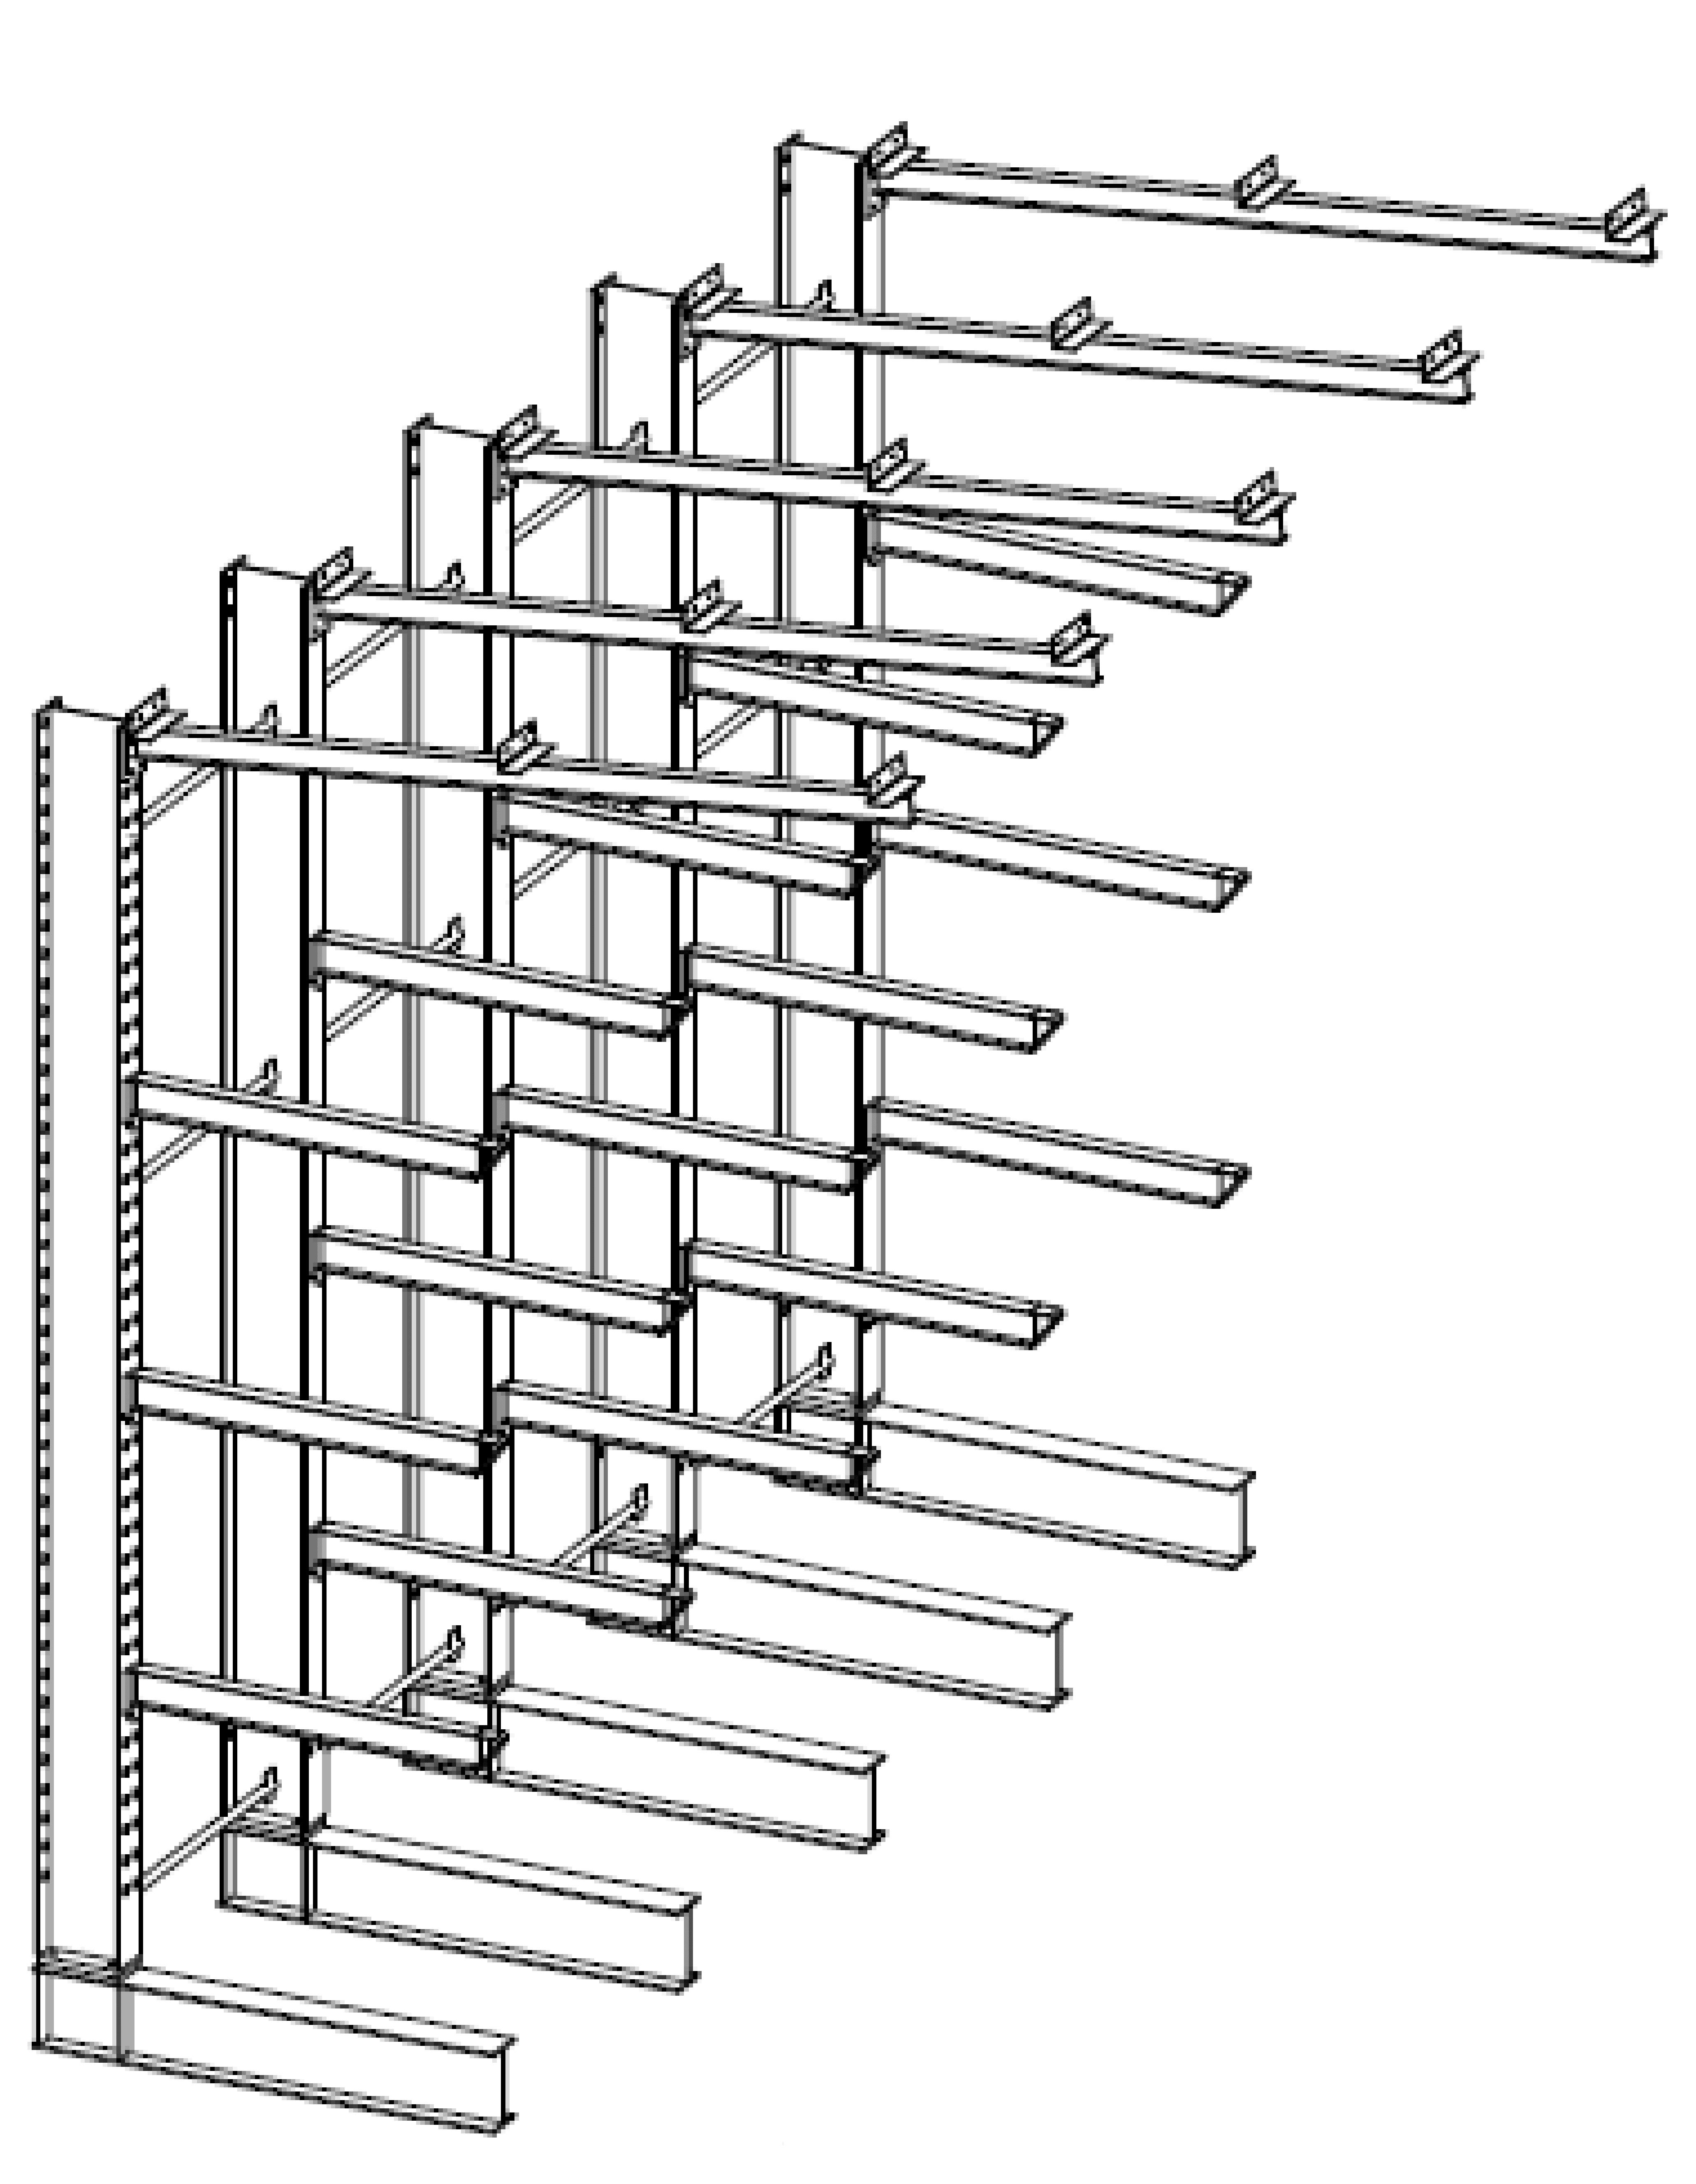 Enkelzijdige volbad verzinkte zware draagarmstelling met dakarmen voor buiten en met 4 niveaus van 1.200 mm diep.